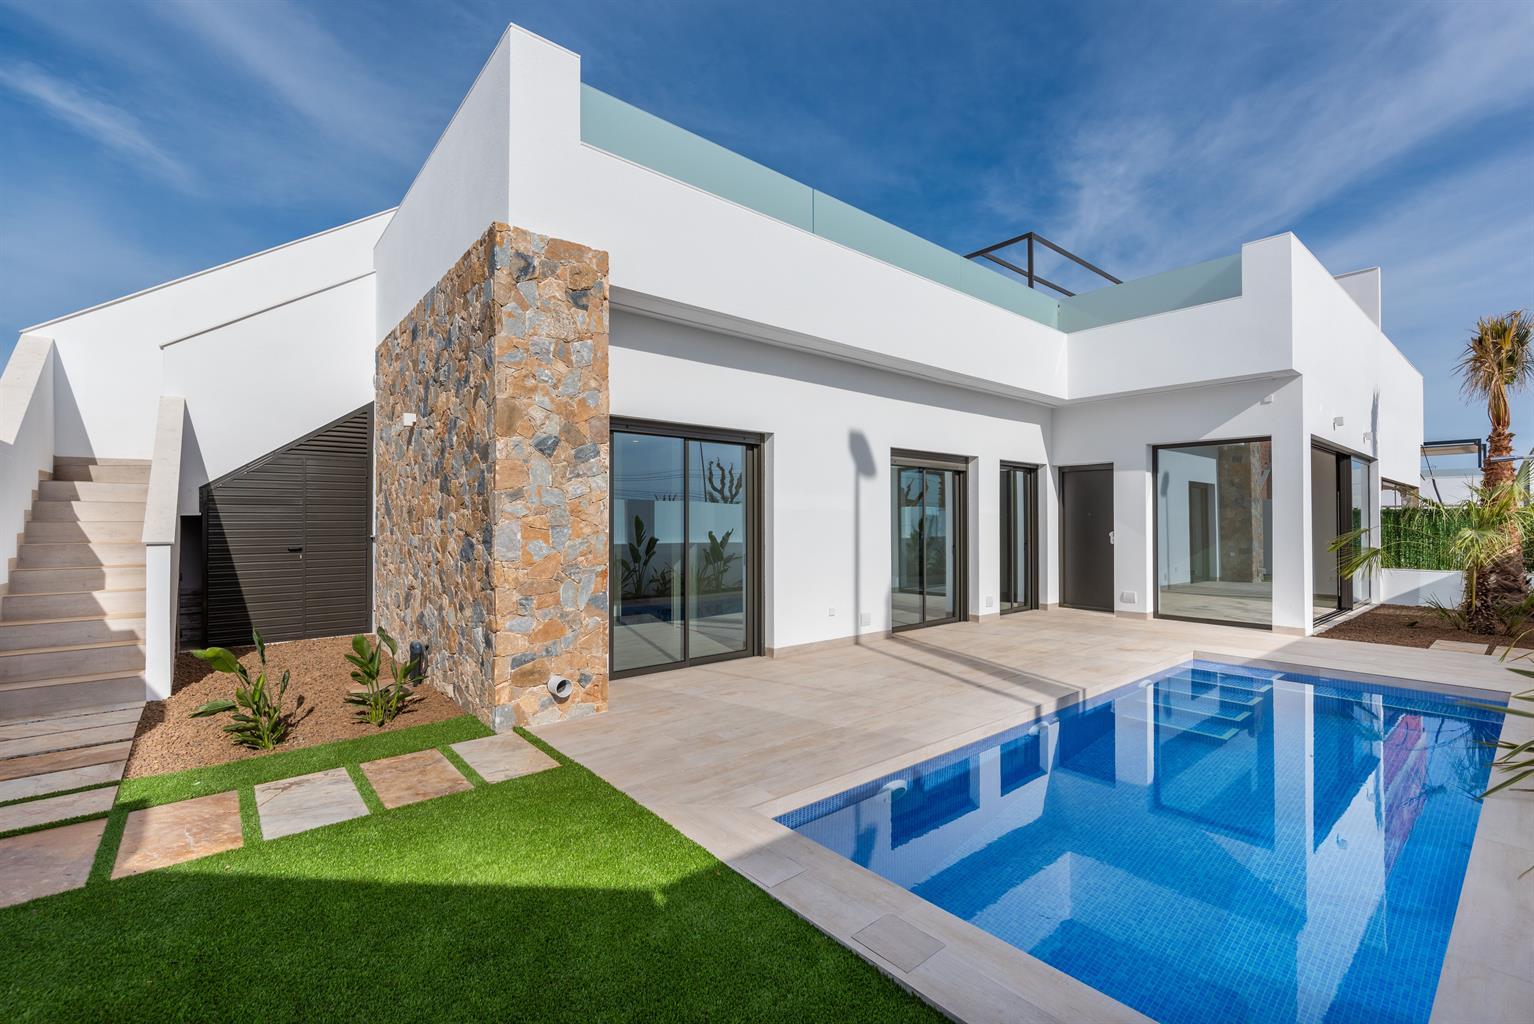 Maison - Pilar De La Horadada - #4227940-0